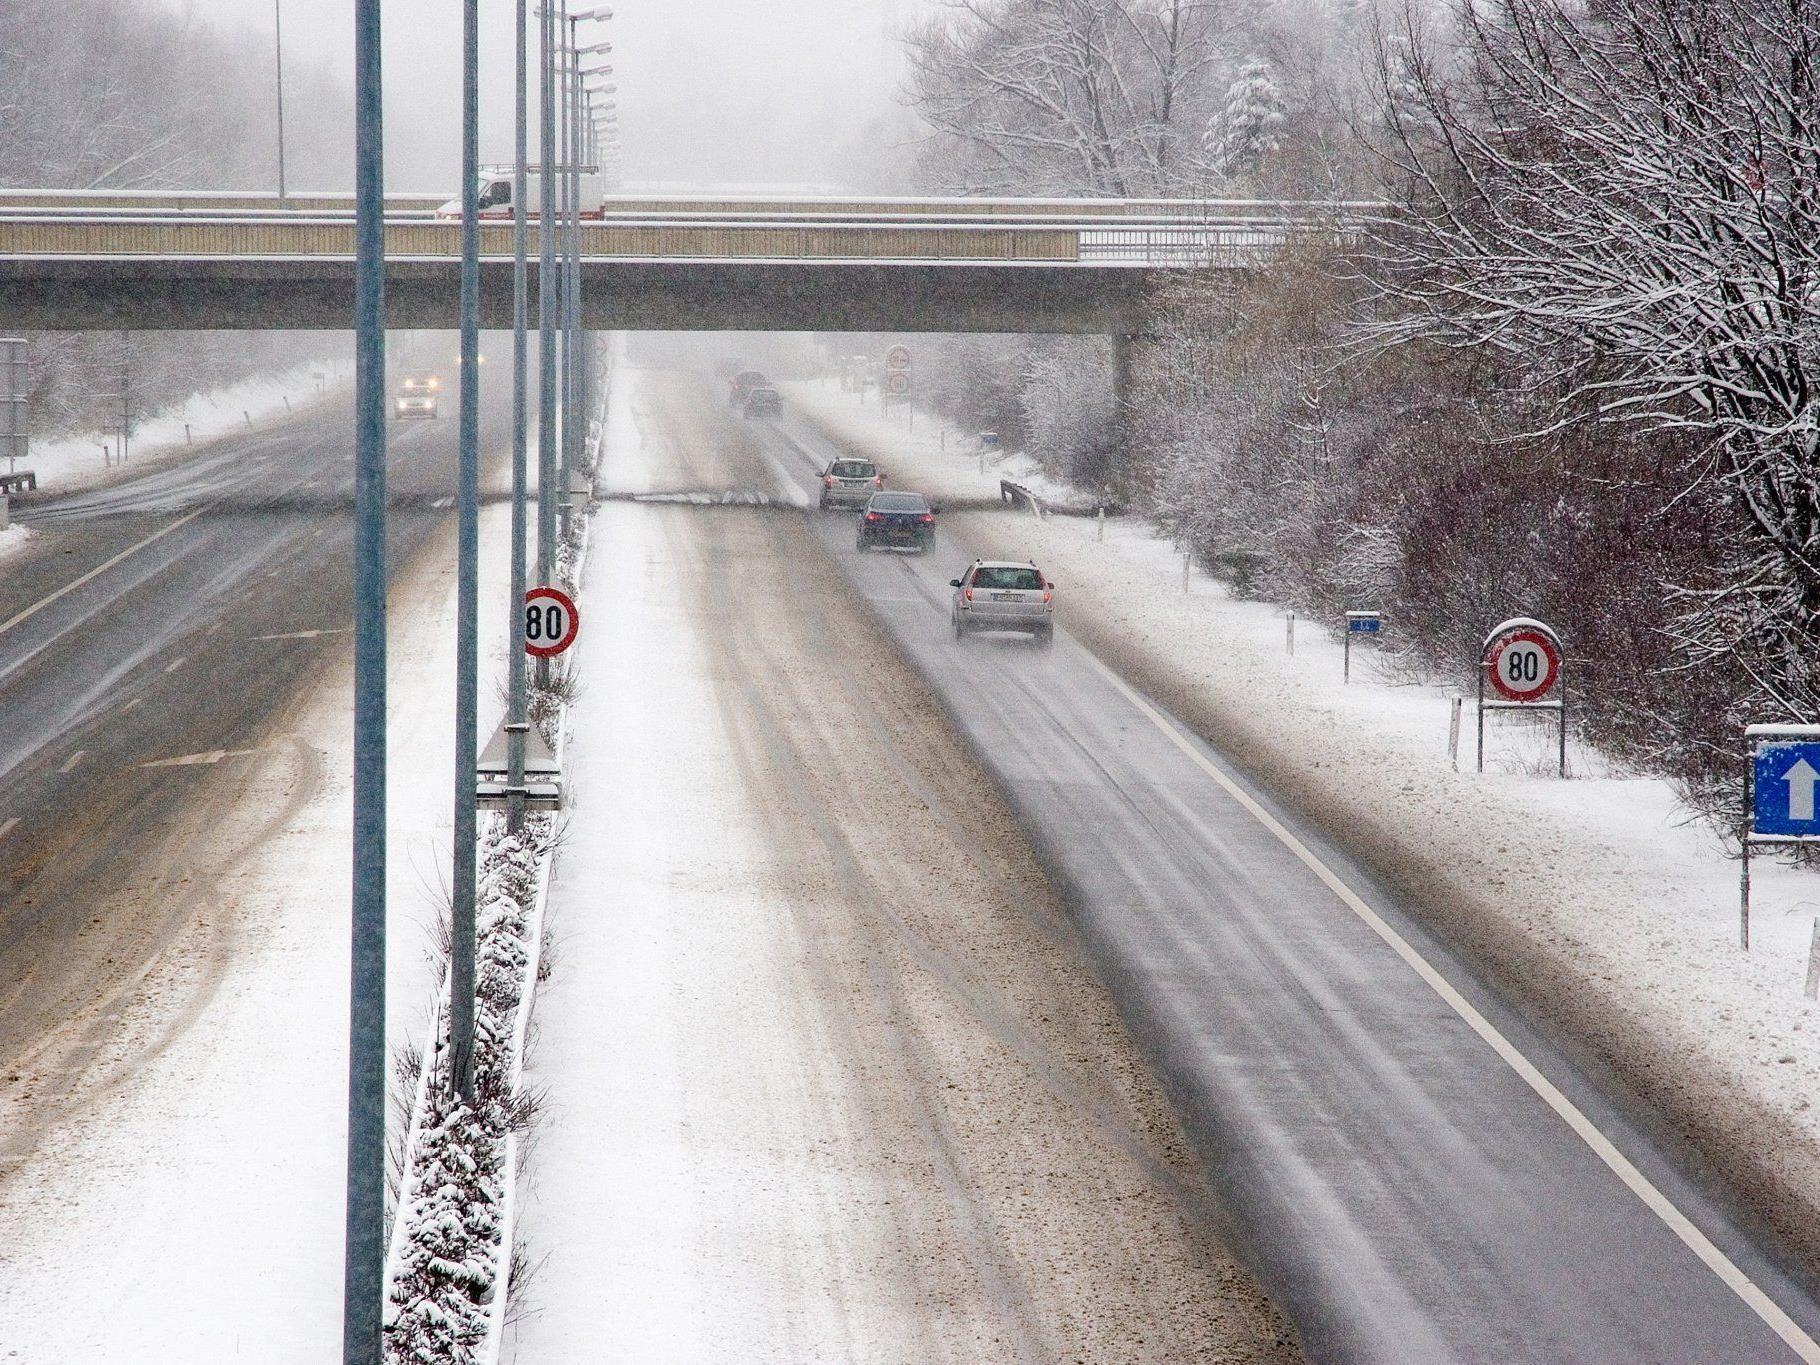 Schneematsch auf der Fahrbahn war Auslöser eines schweren Serienunfalls am Sonntag in St. Georgen im Attergau.